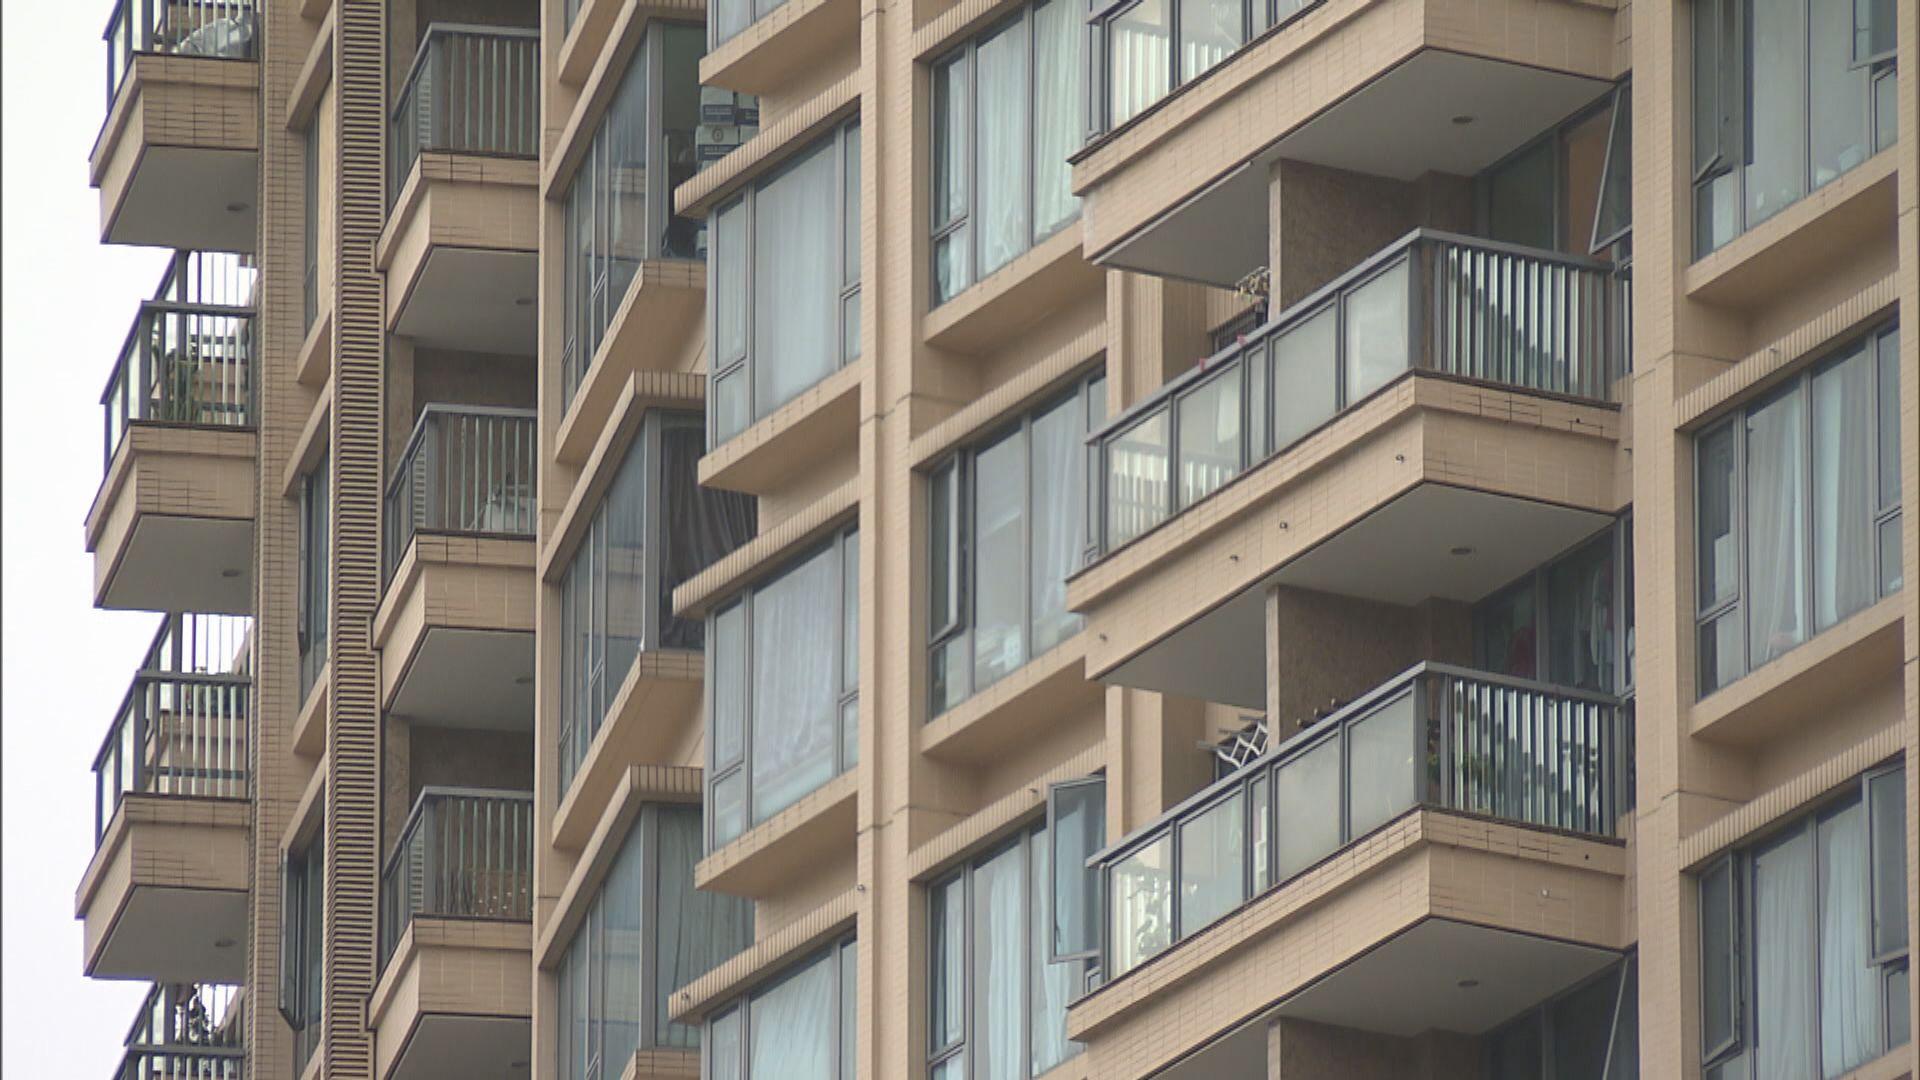 【樓價再上?】大行指施政報告短期對樓價有支持